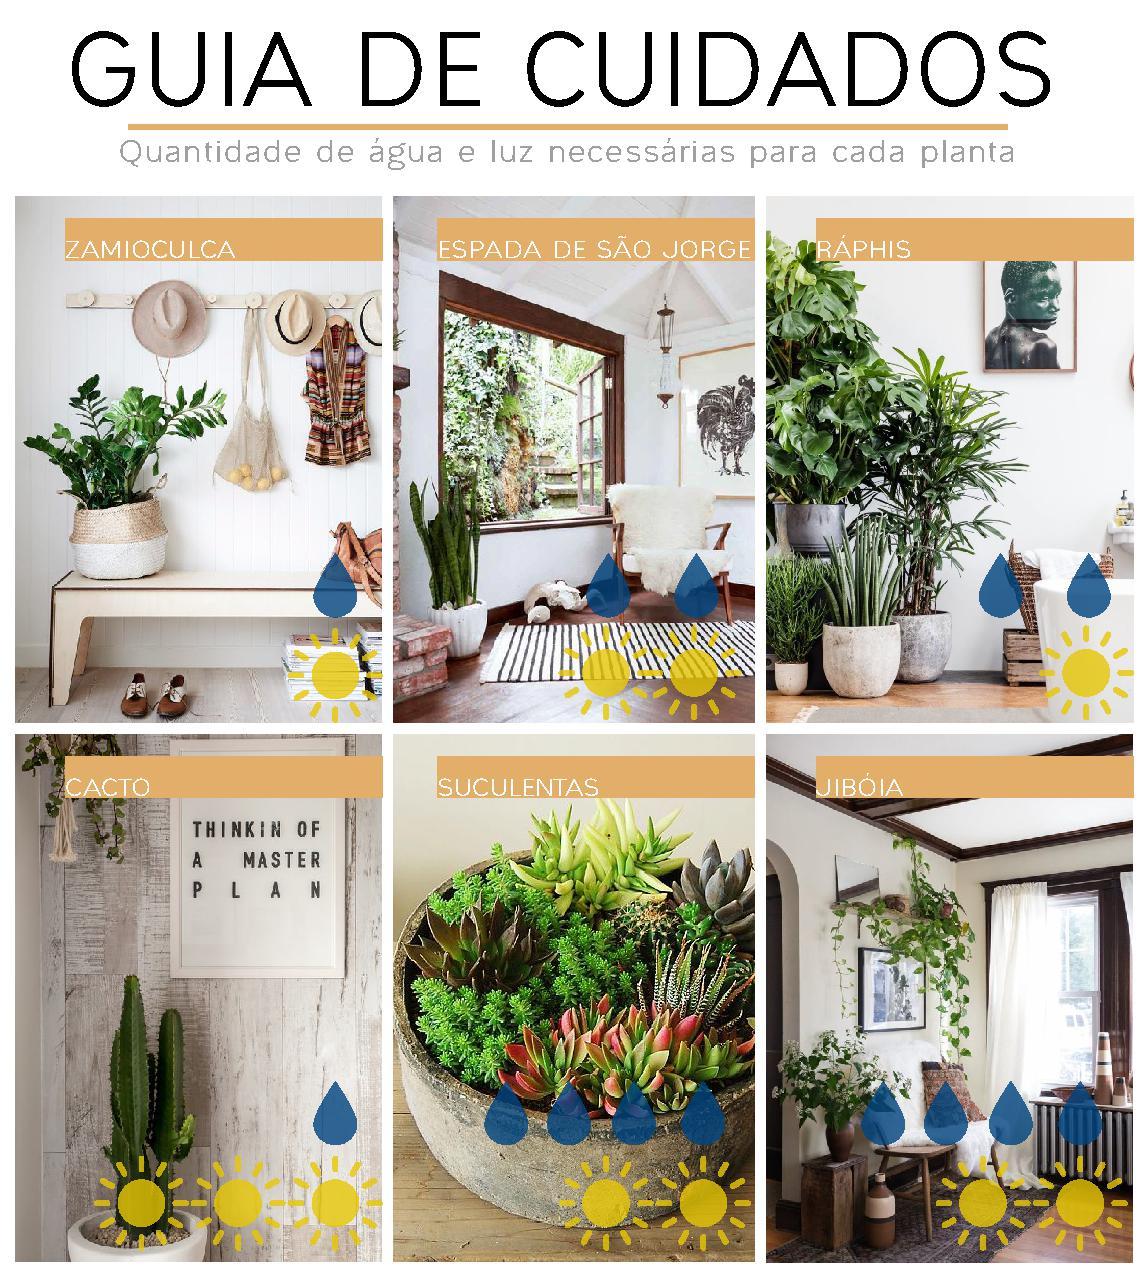 guia de cuidados para plantas internas